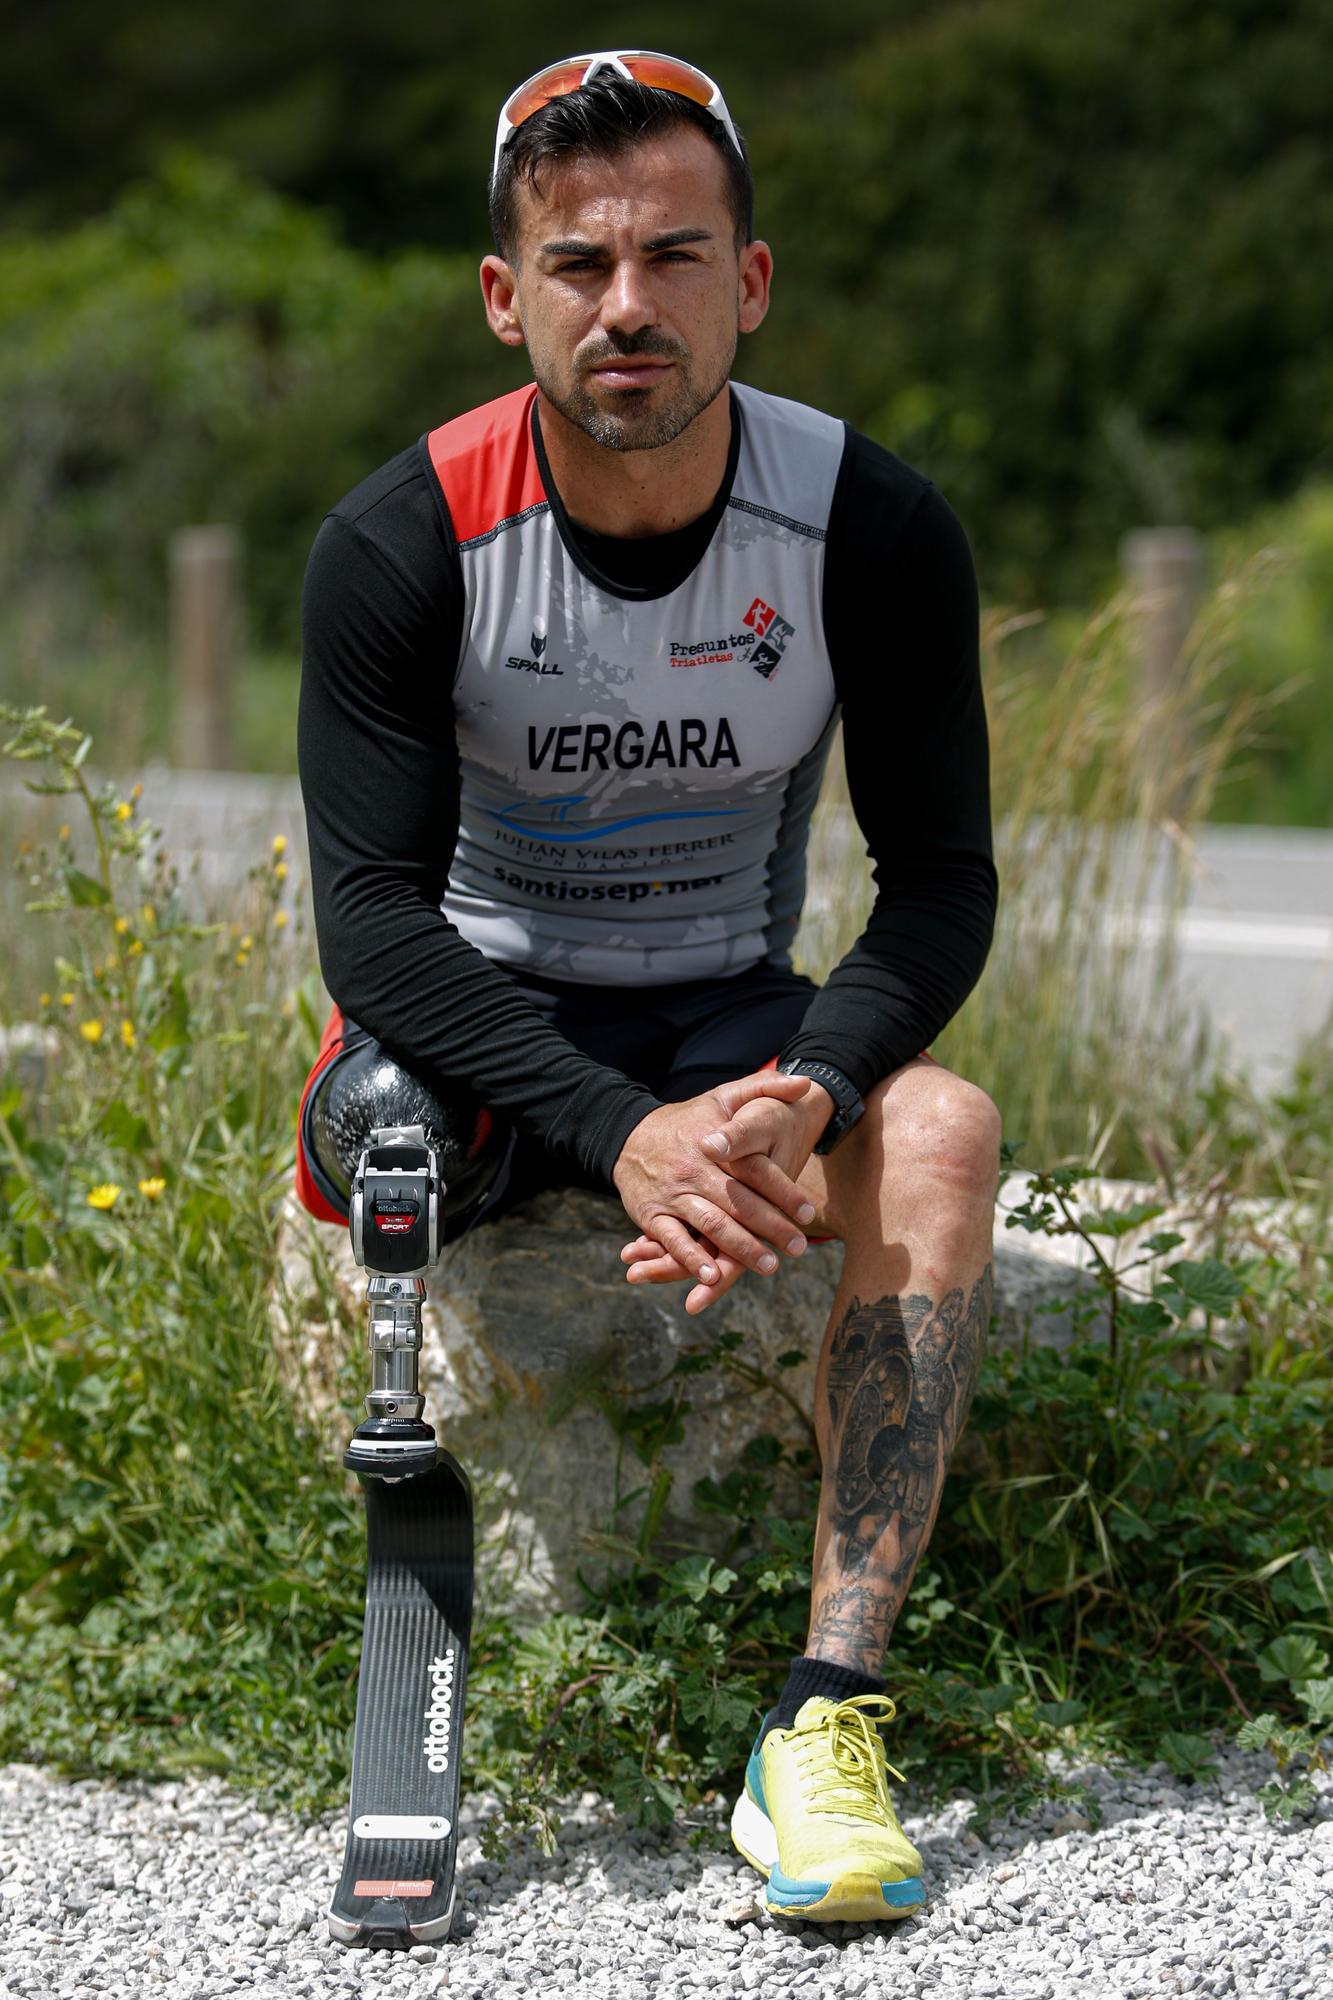 Javier Vergara: mucho más que un presunto triatleta